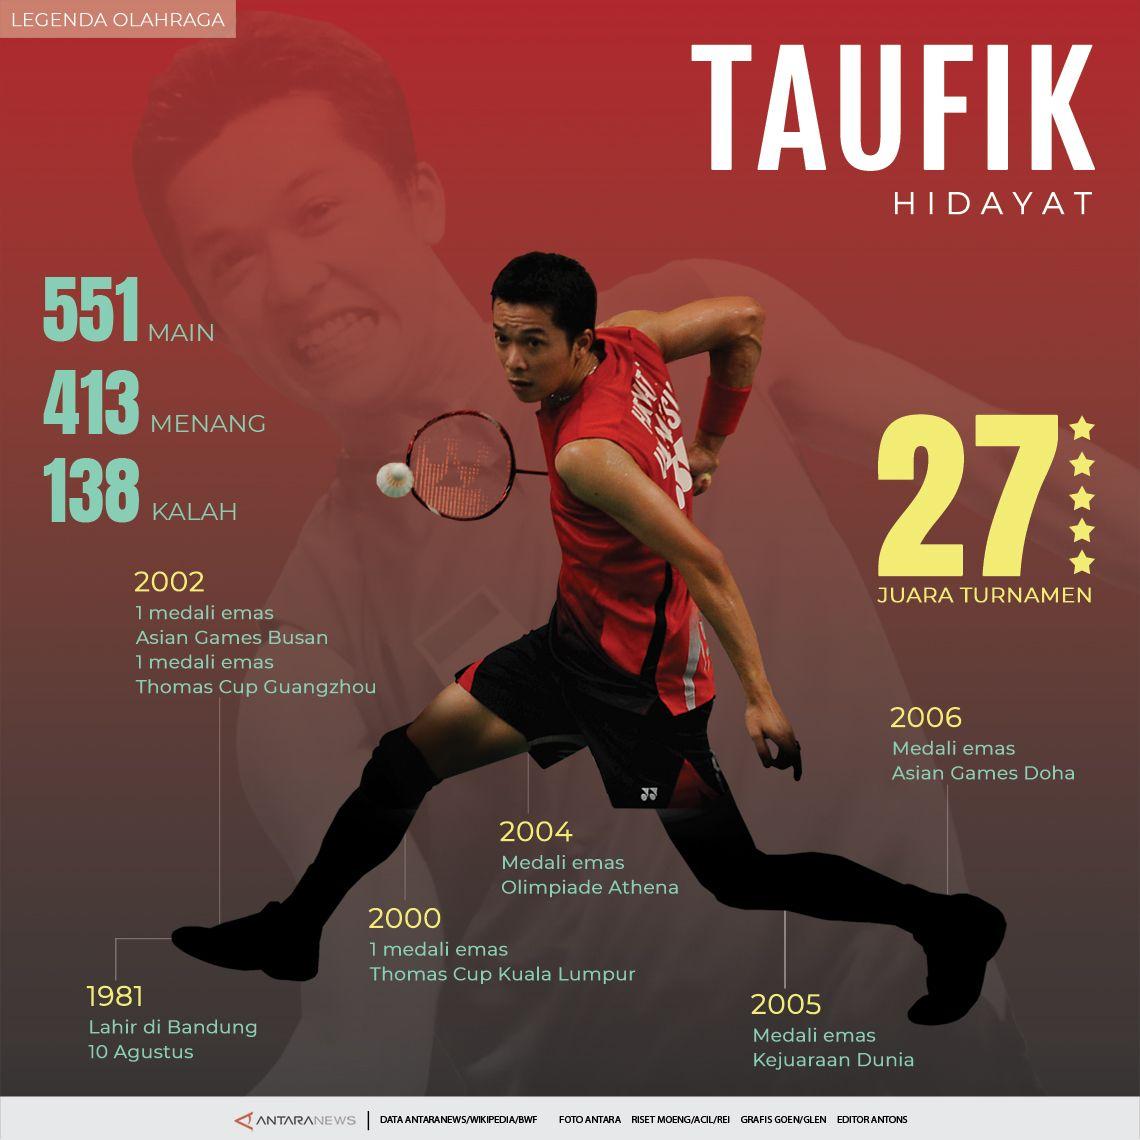 Legenda Olahraga: Taufik Hidayat